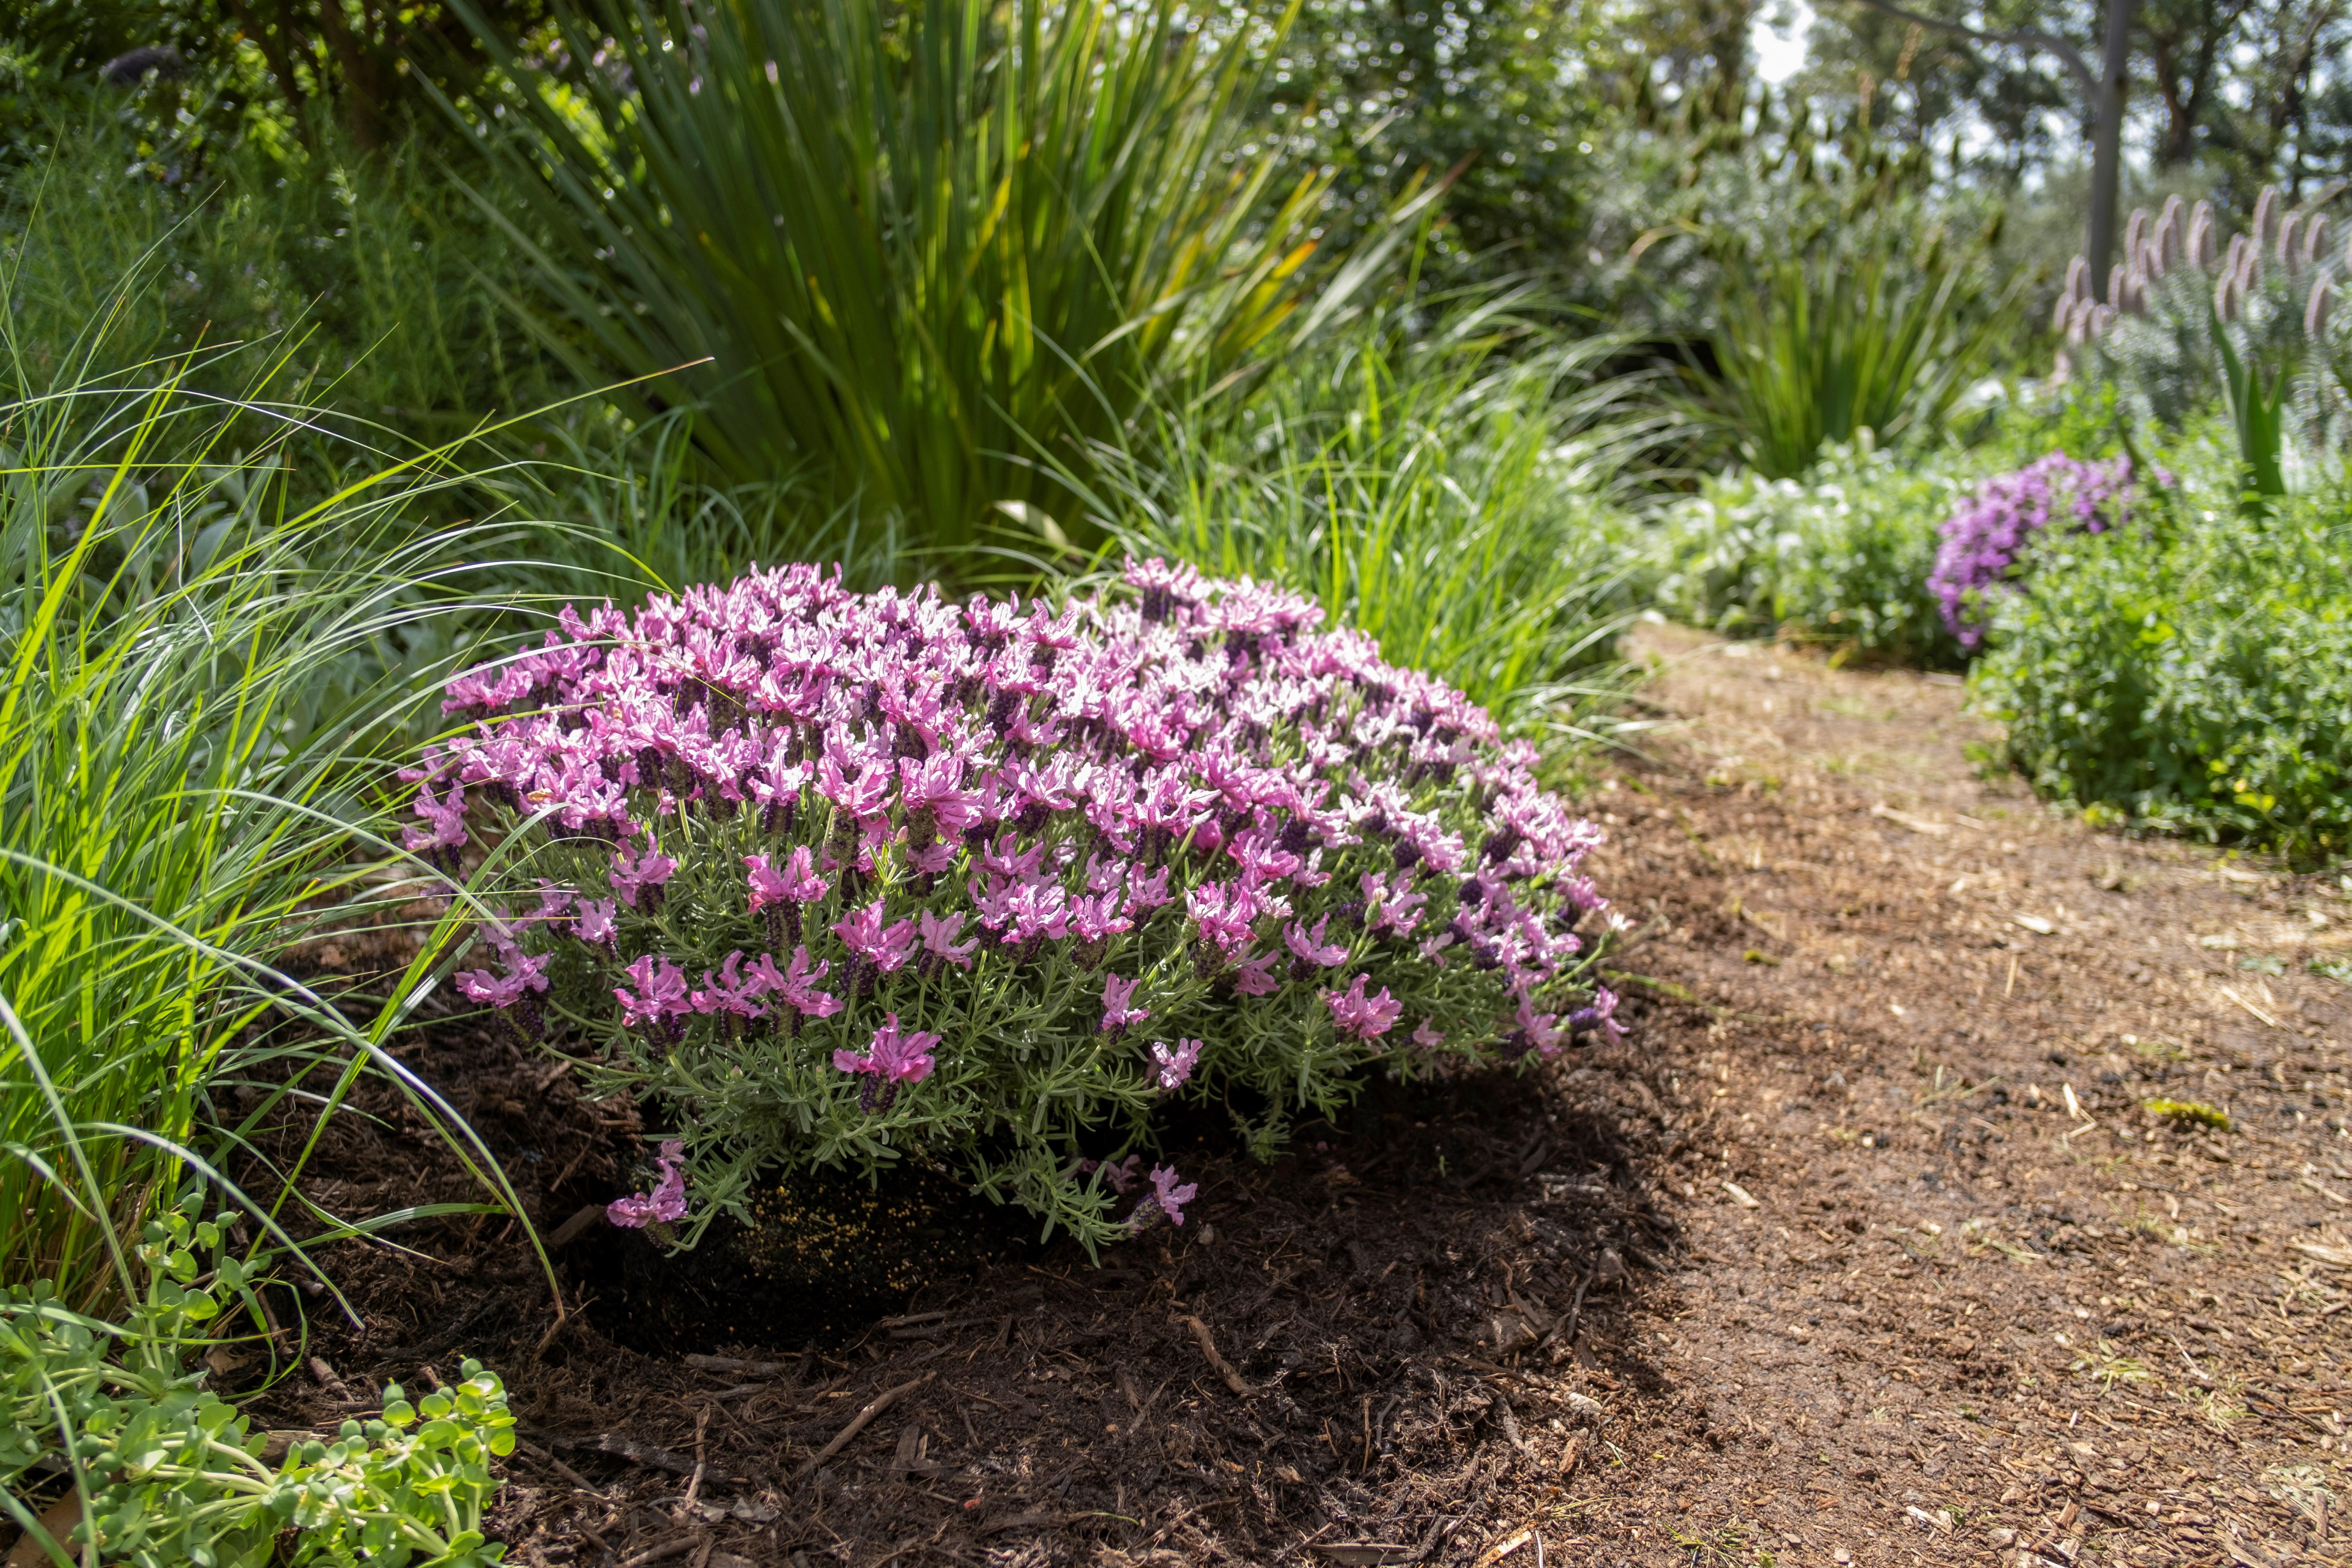 Website/Plants/2144399517/Images/Gallery/Lavandula_IB-510-48_02.0.jpg